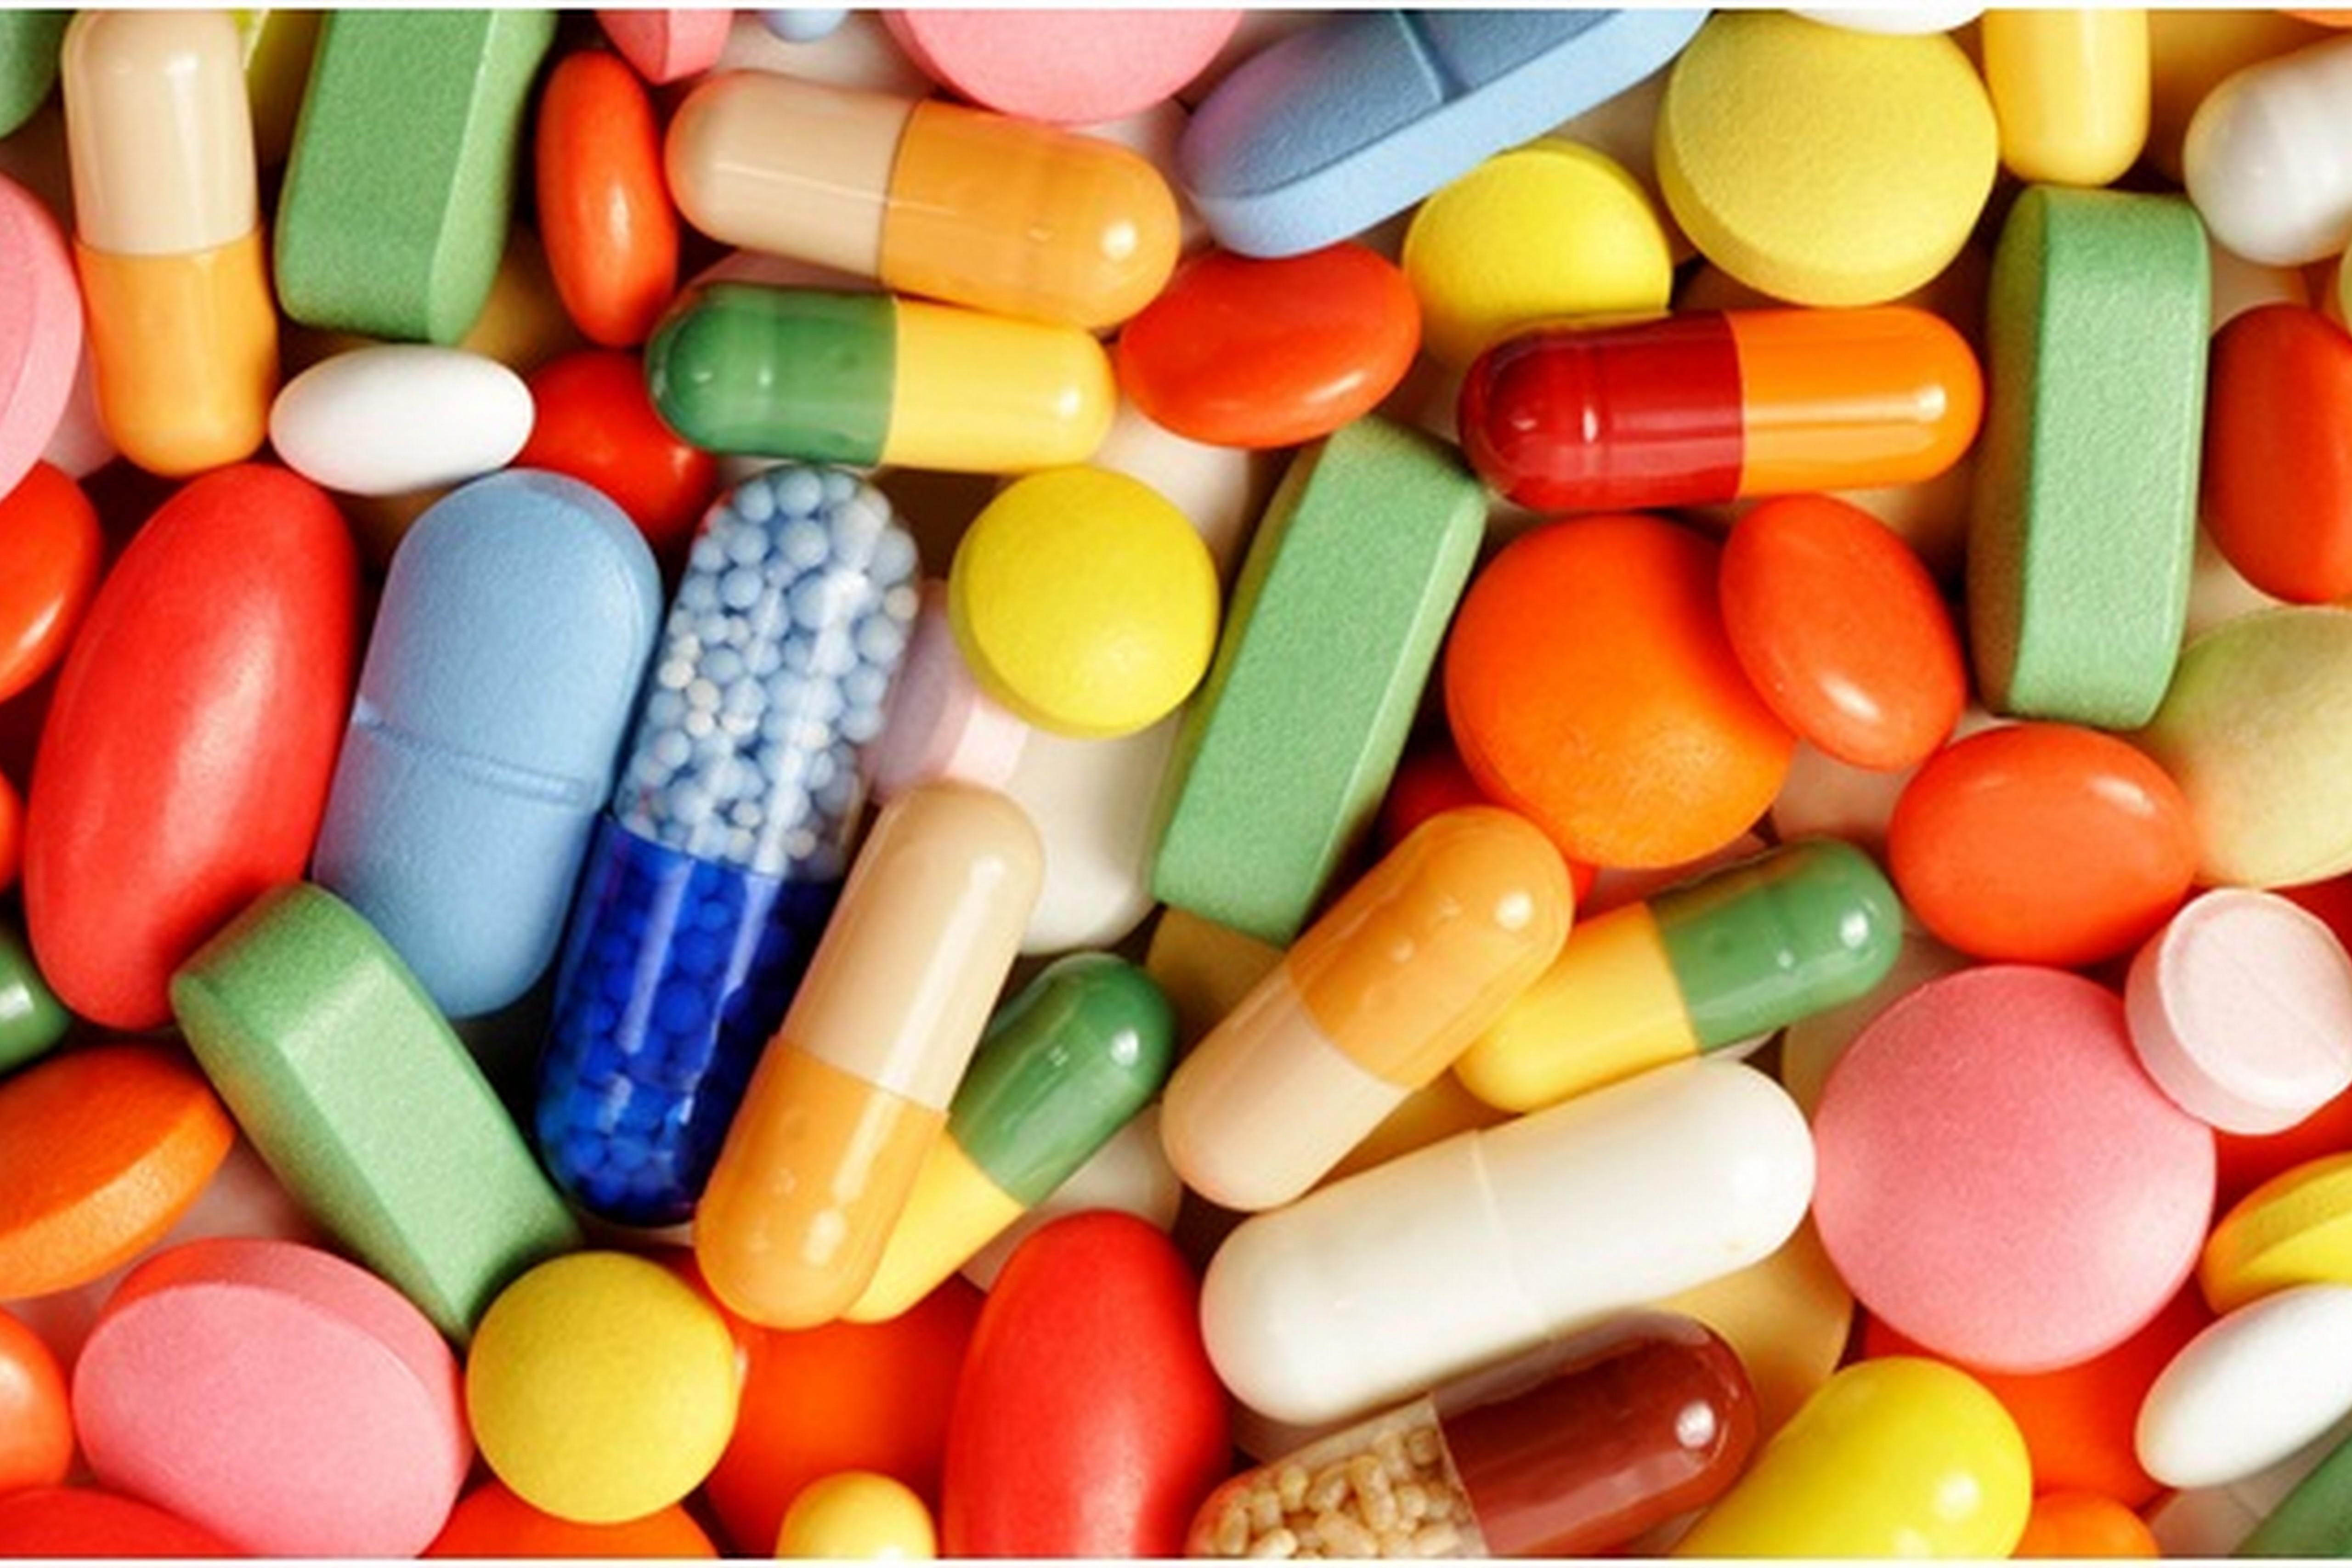 mikor kell gyógyszert szedni krónikus giardiasis tünetei embereknél